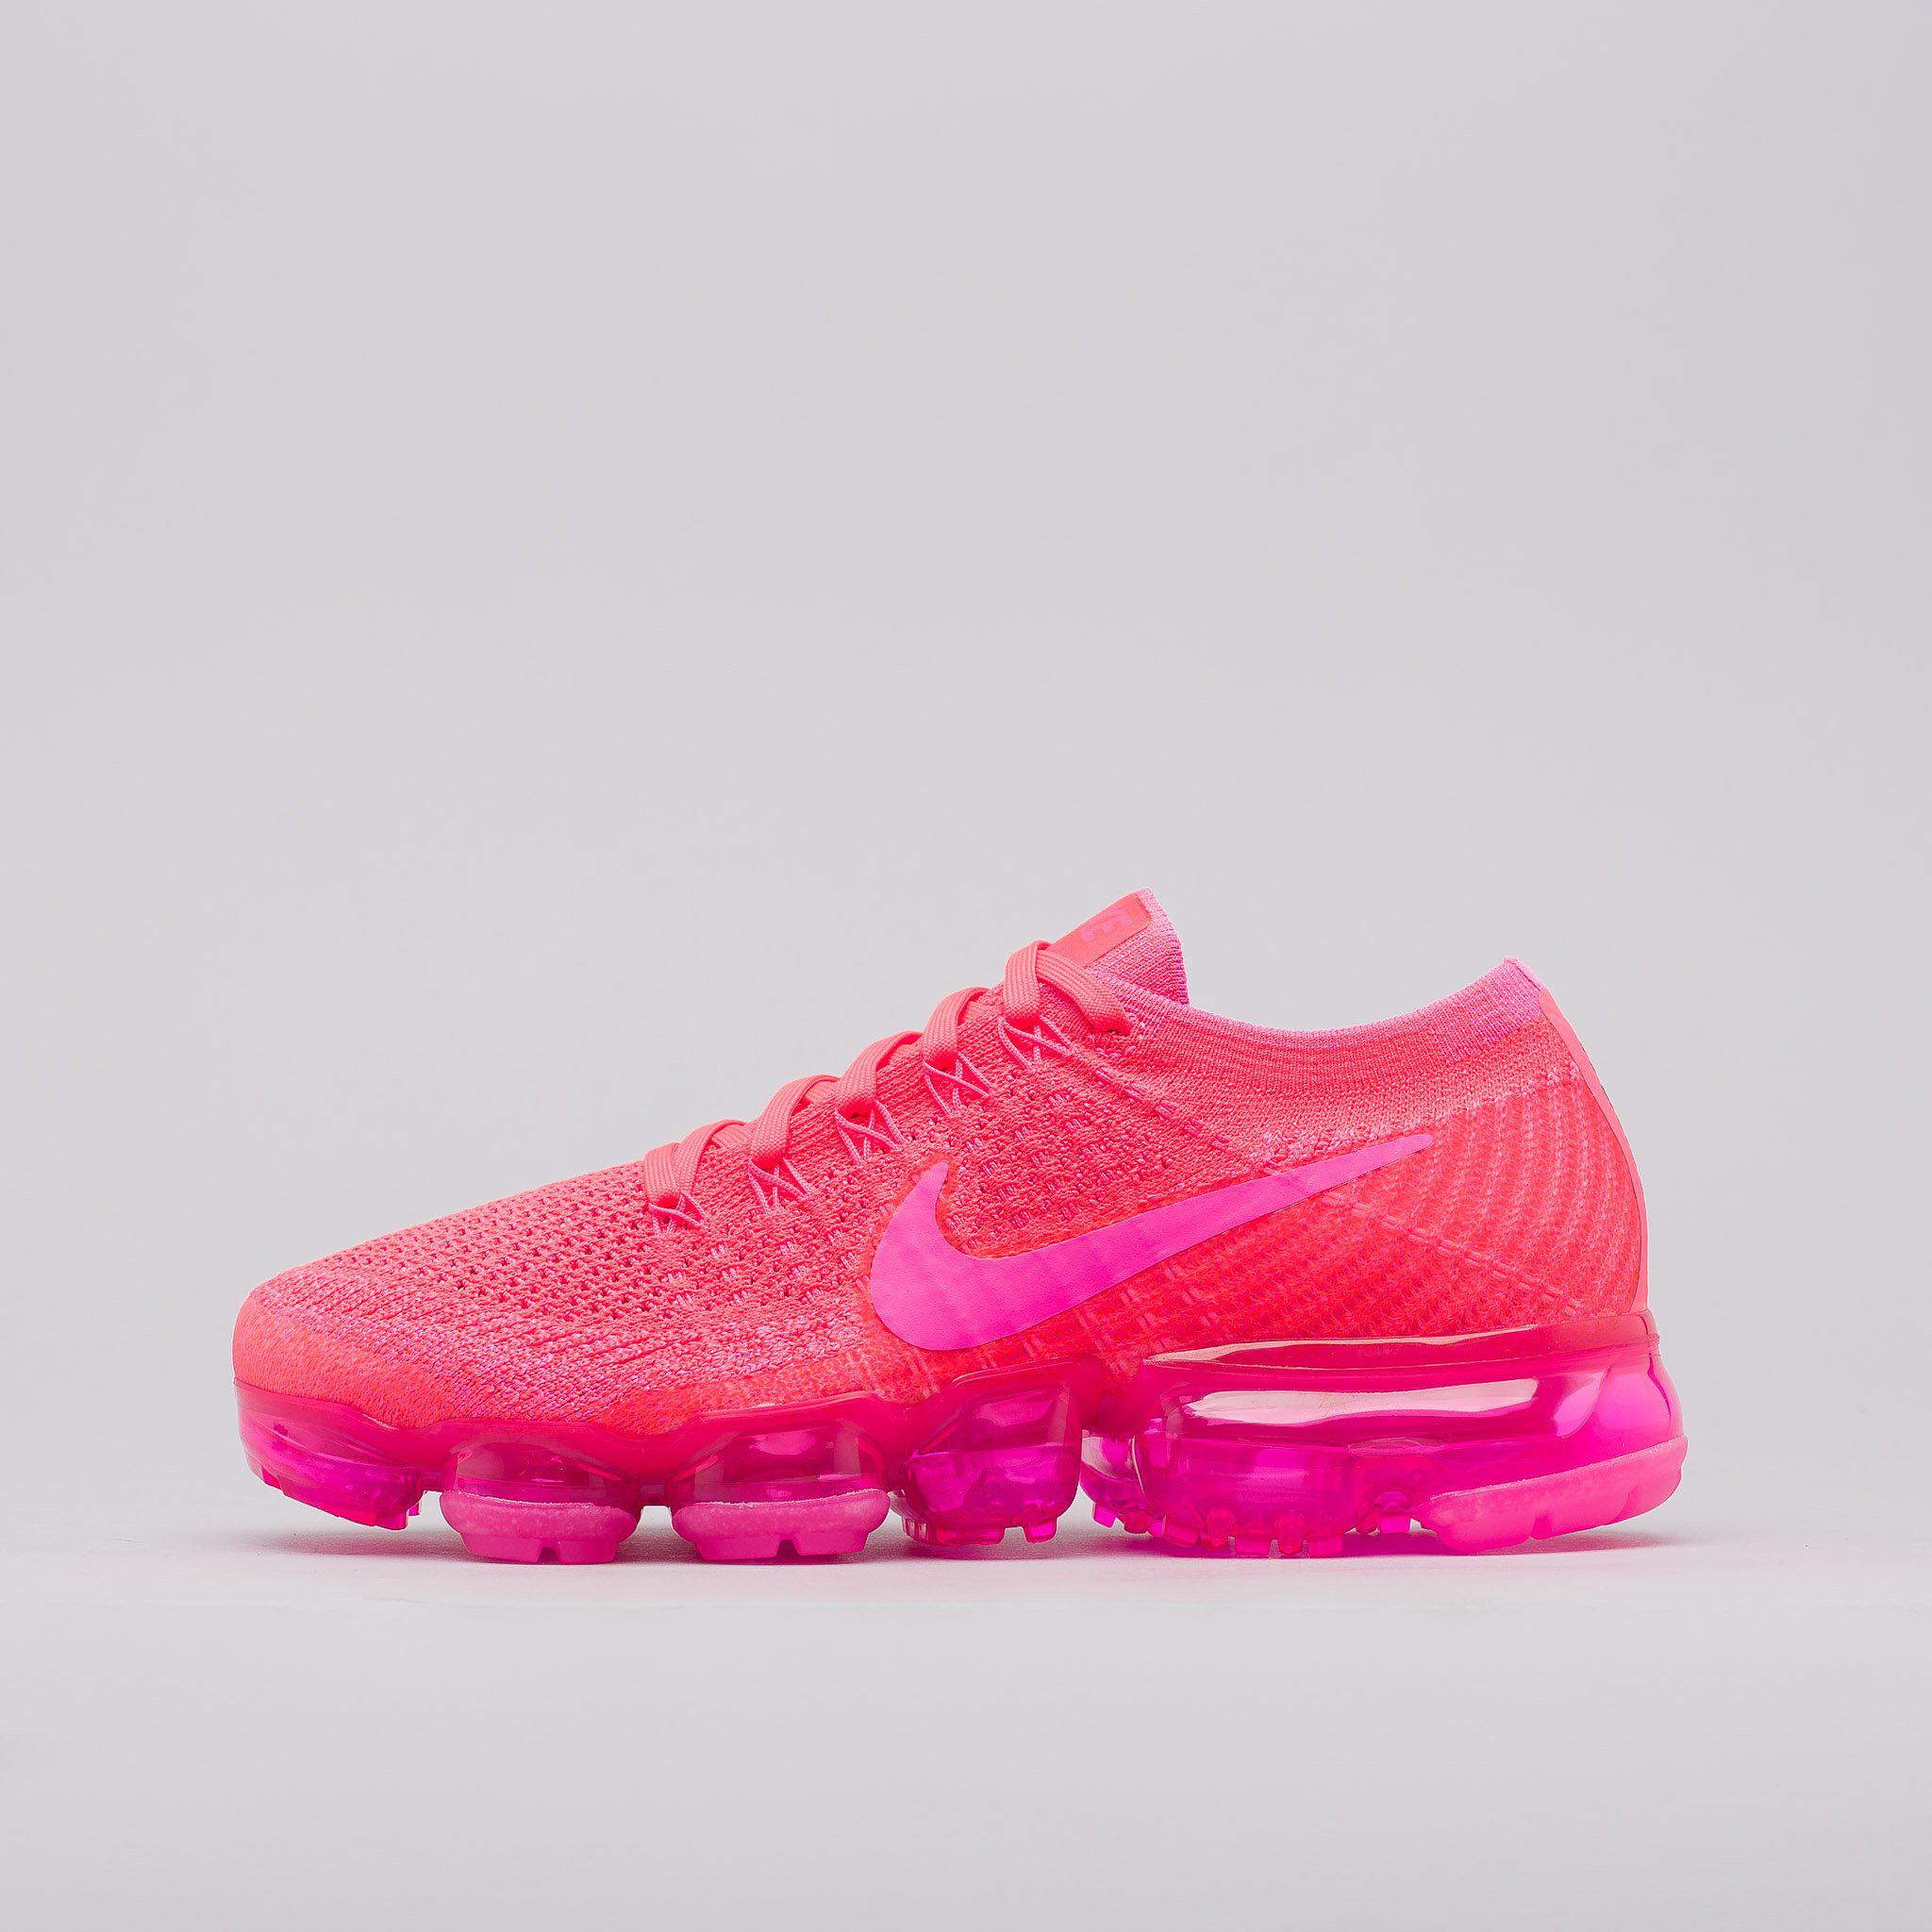 4dbebee31b4 Lyst - Nike Women s Air Vapormax Flyknit In Hyper Punch in Pink for Men